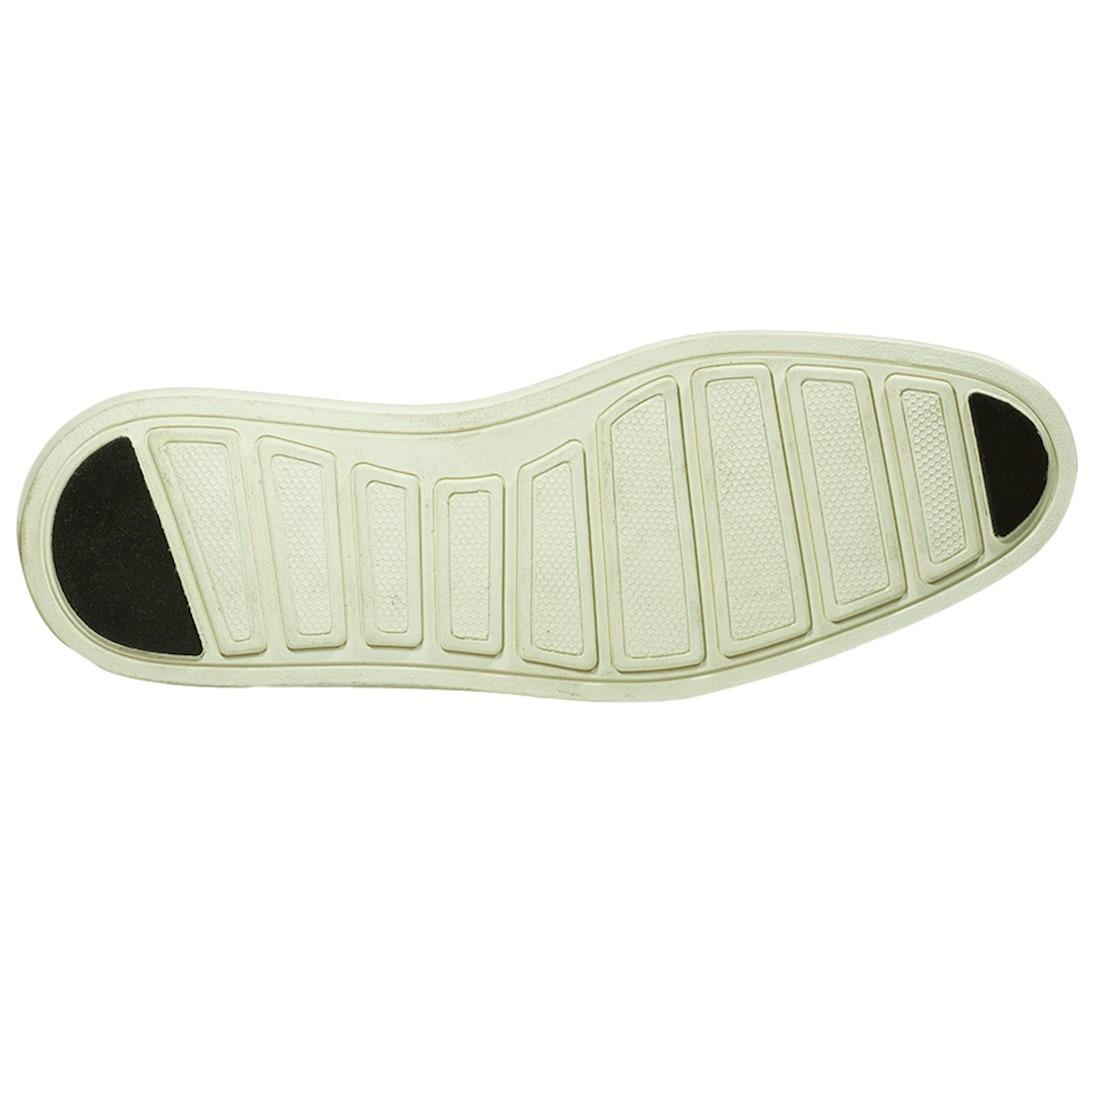 cb0e6b49ab sapato esporte fino masculino sandro moscoloni macron cinza. Carregando  zoom.